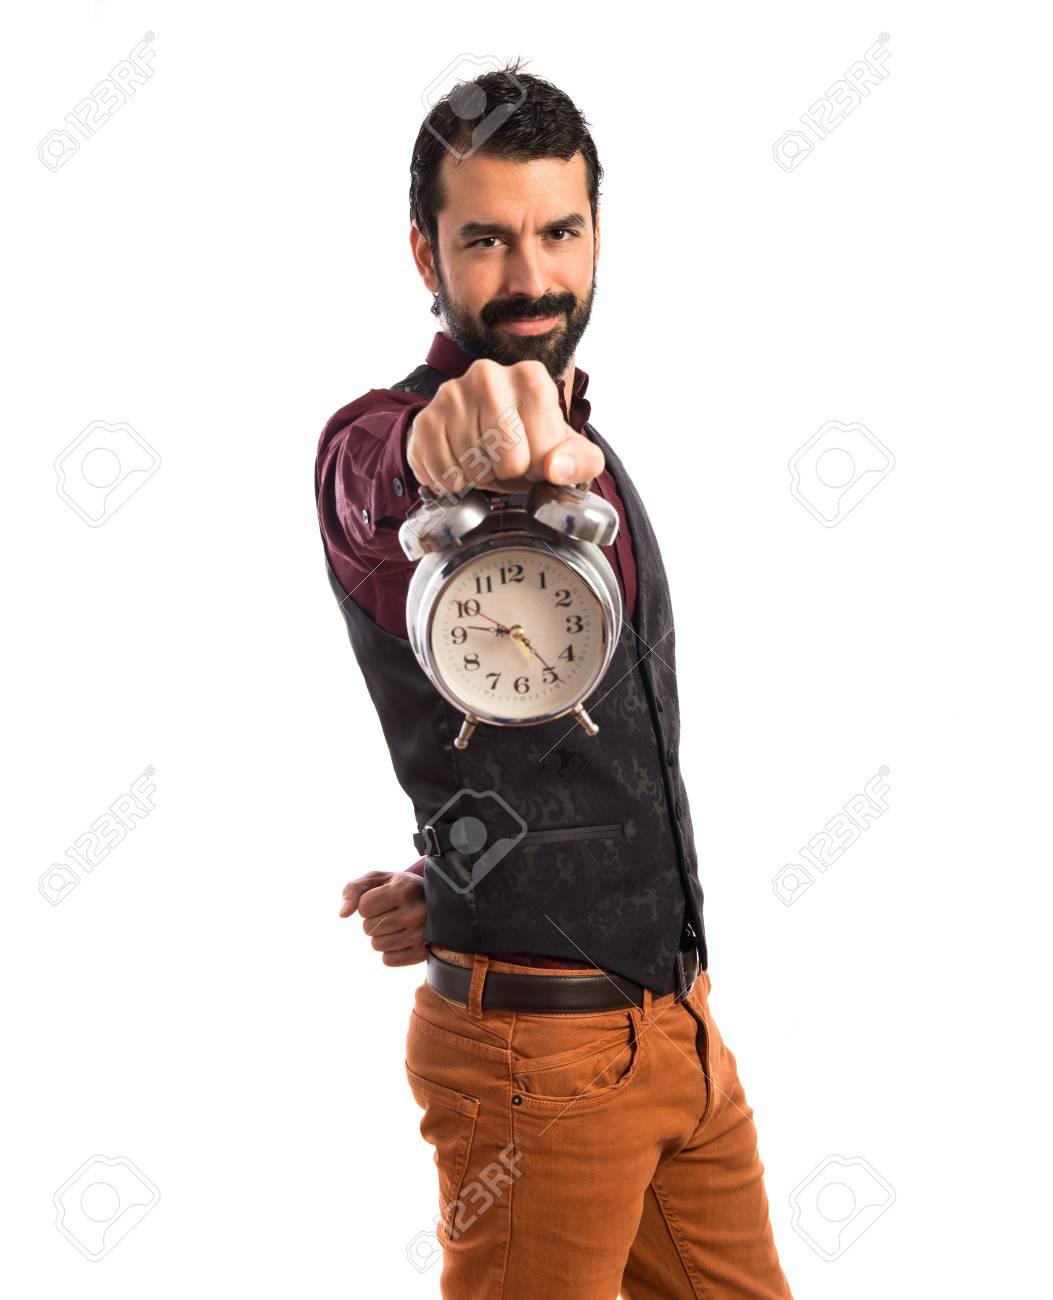 Hombre feliz del chaleco que llevaba la celebración de un reloj de época